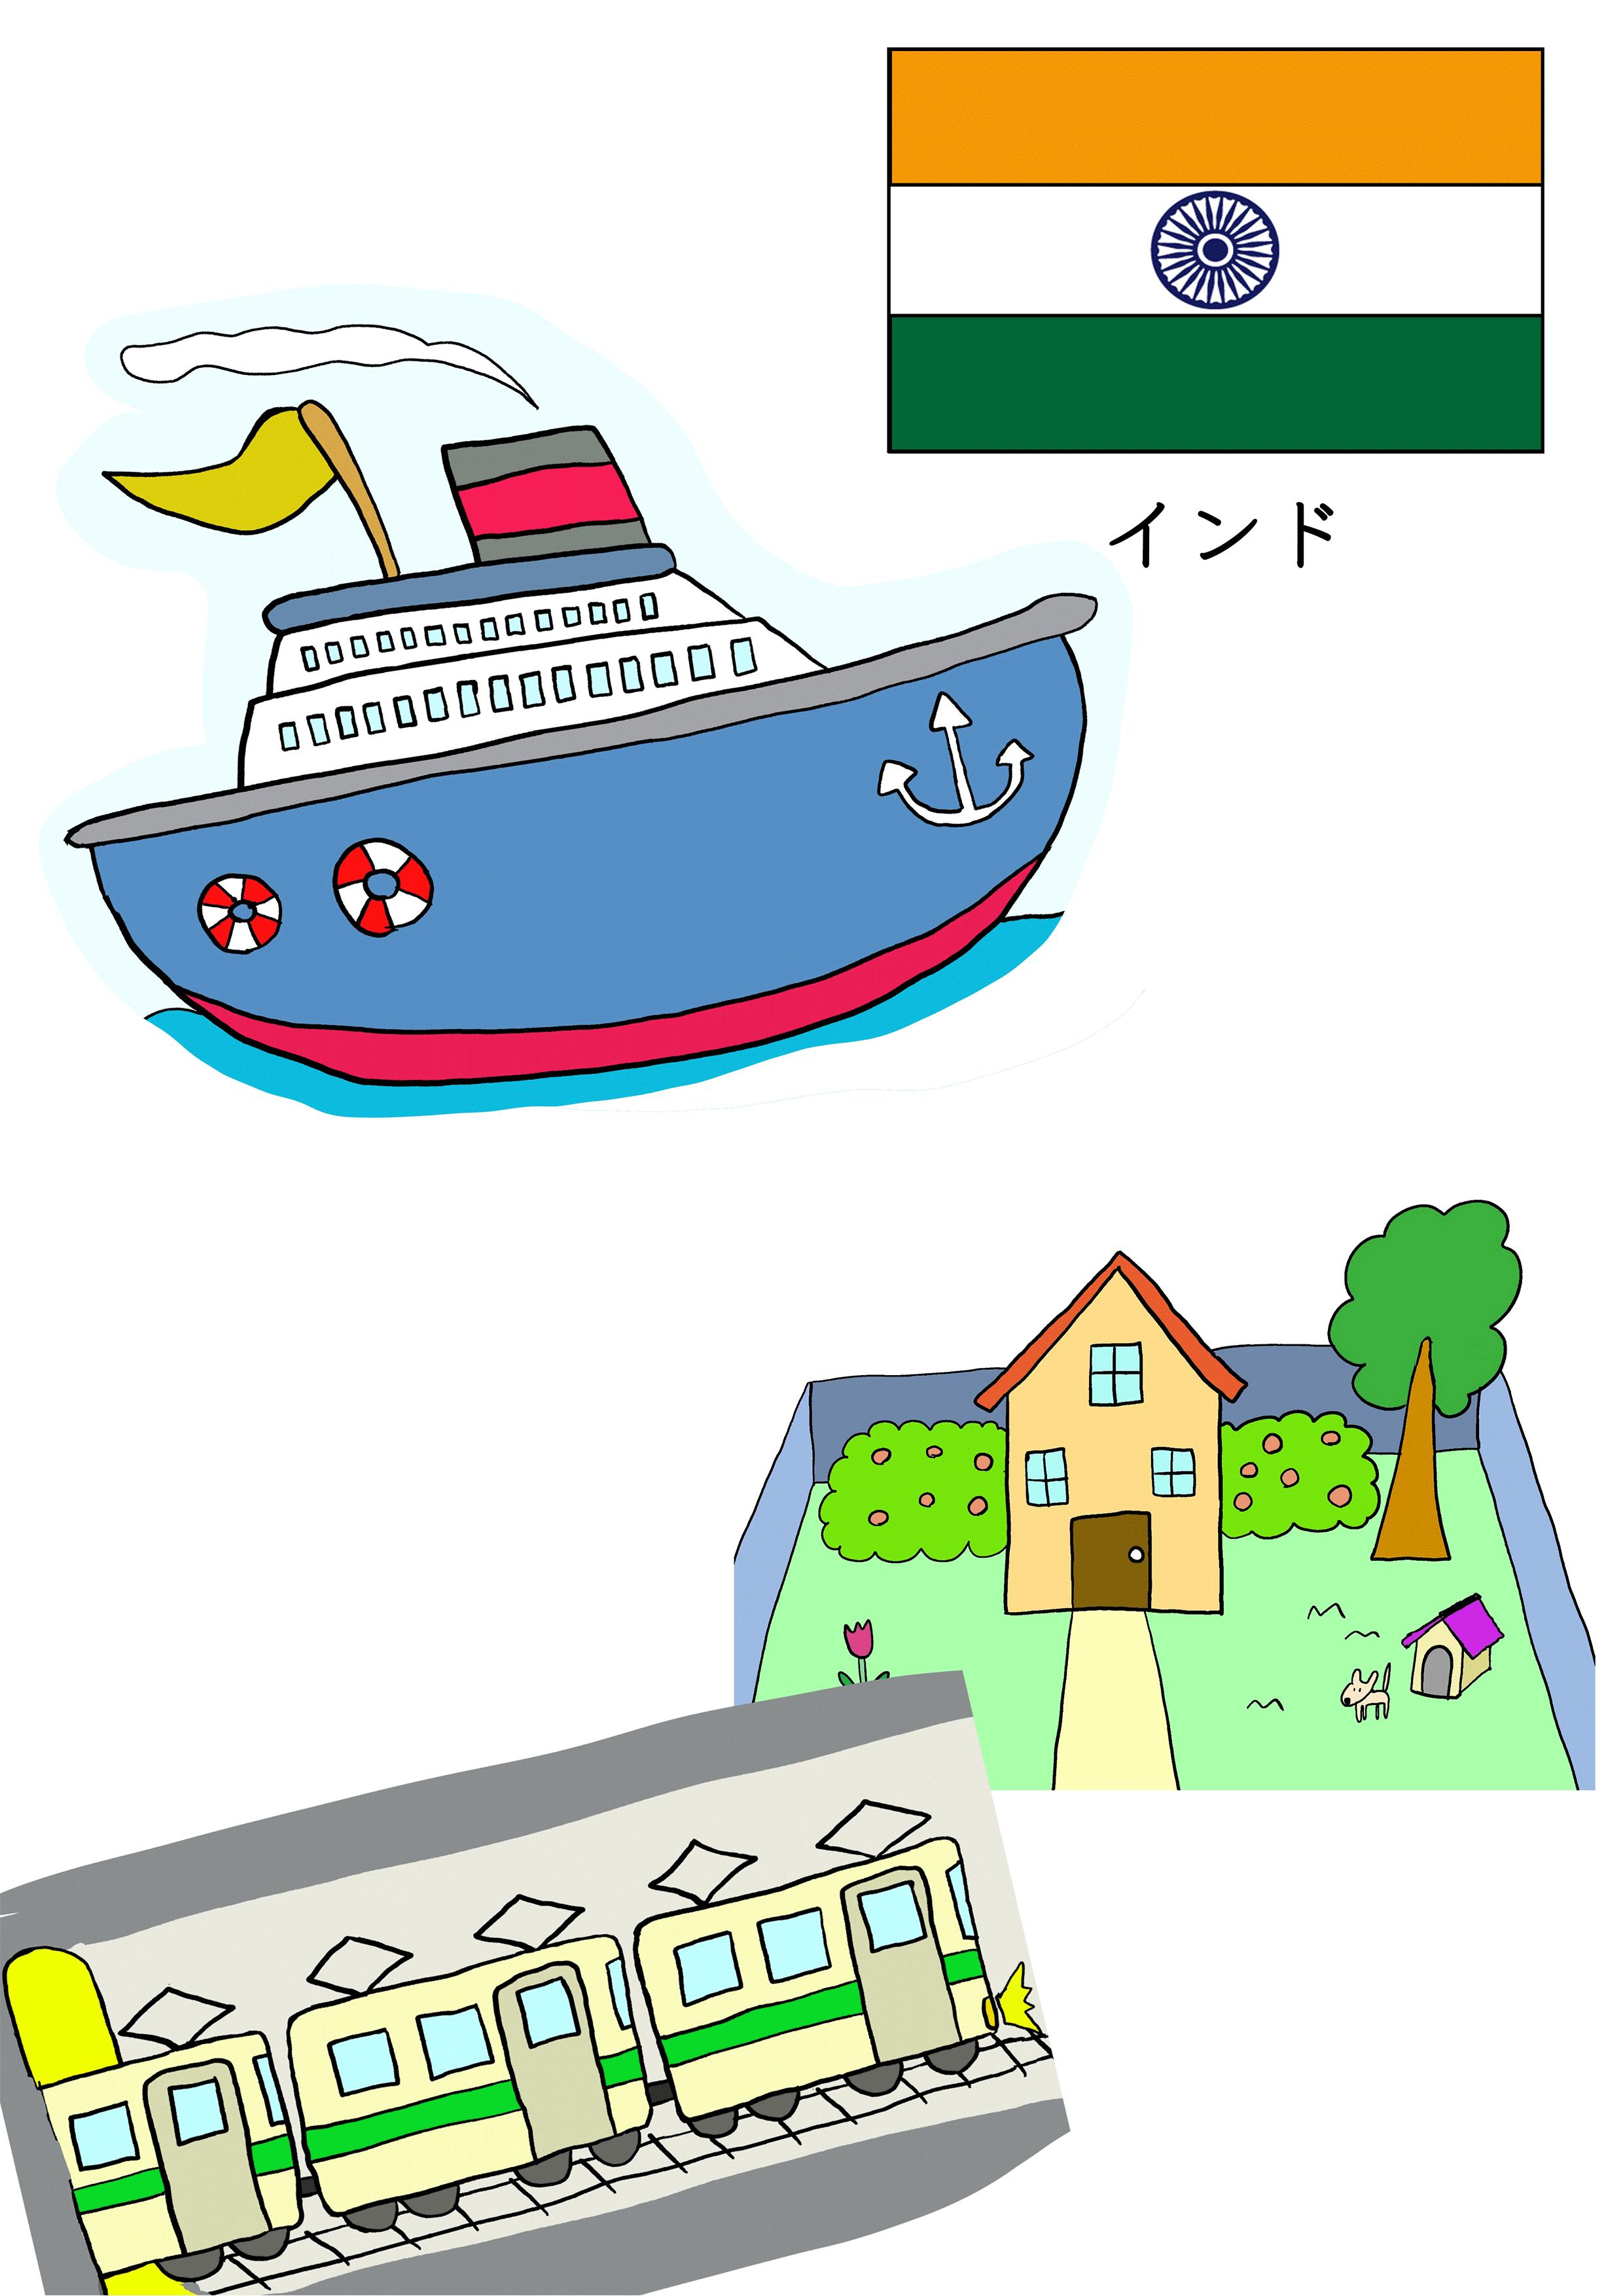 5課イラスト【船でインド/地下鉄でうち】